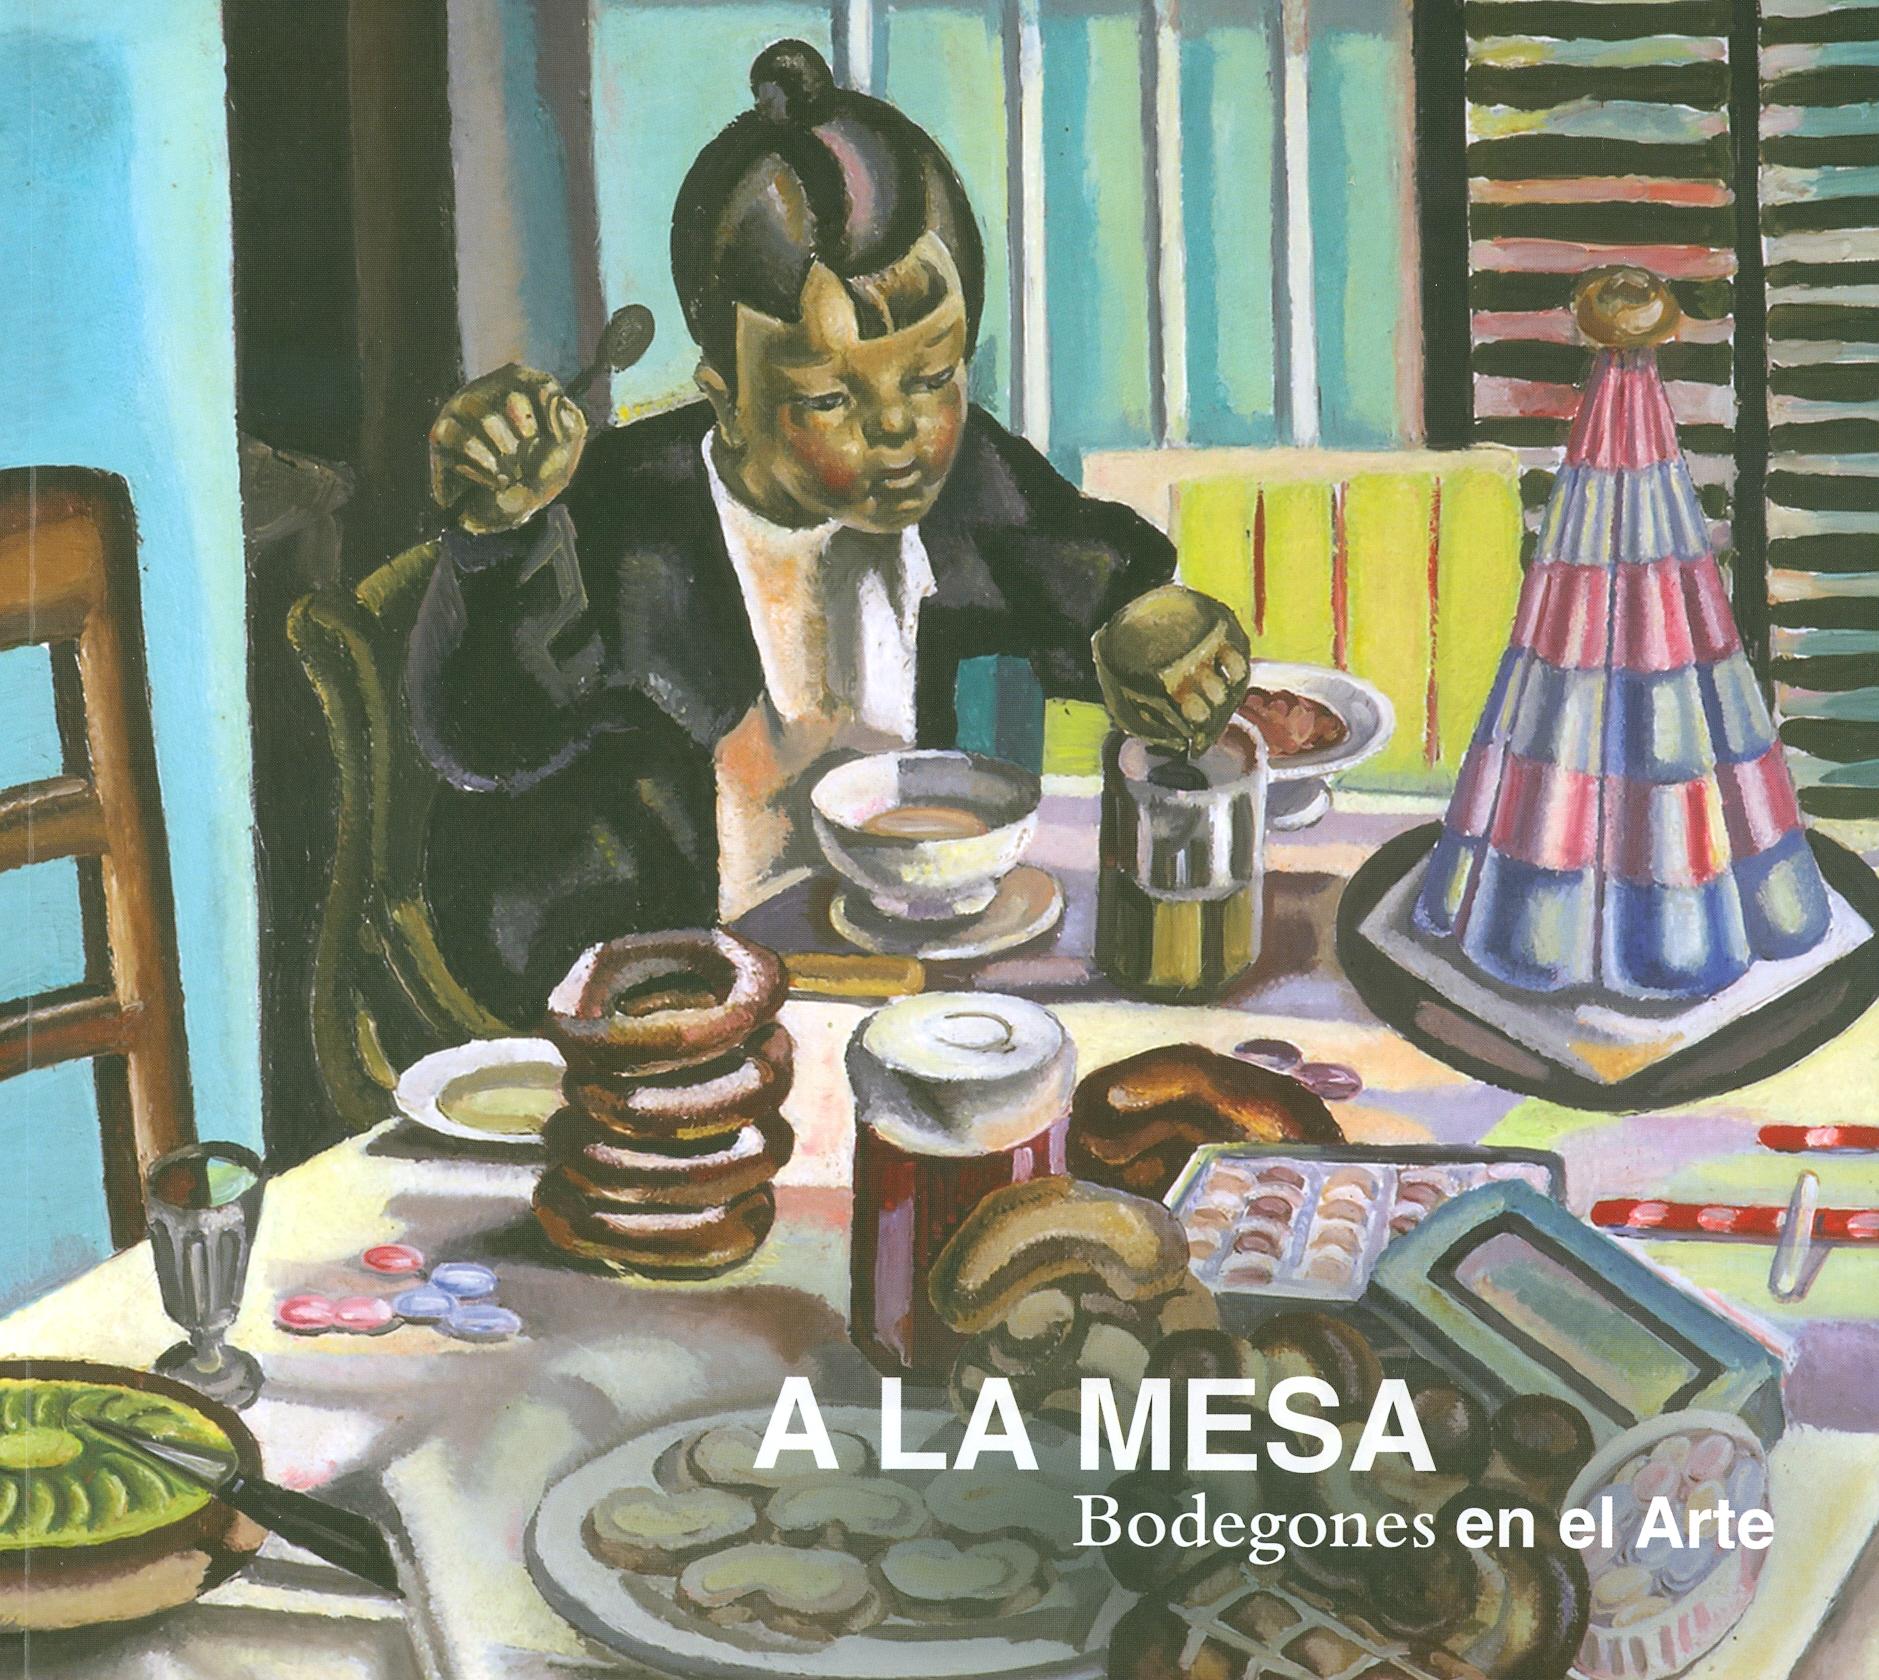 A LA MESA. Bodegones de Arte